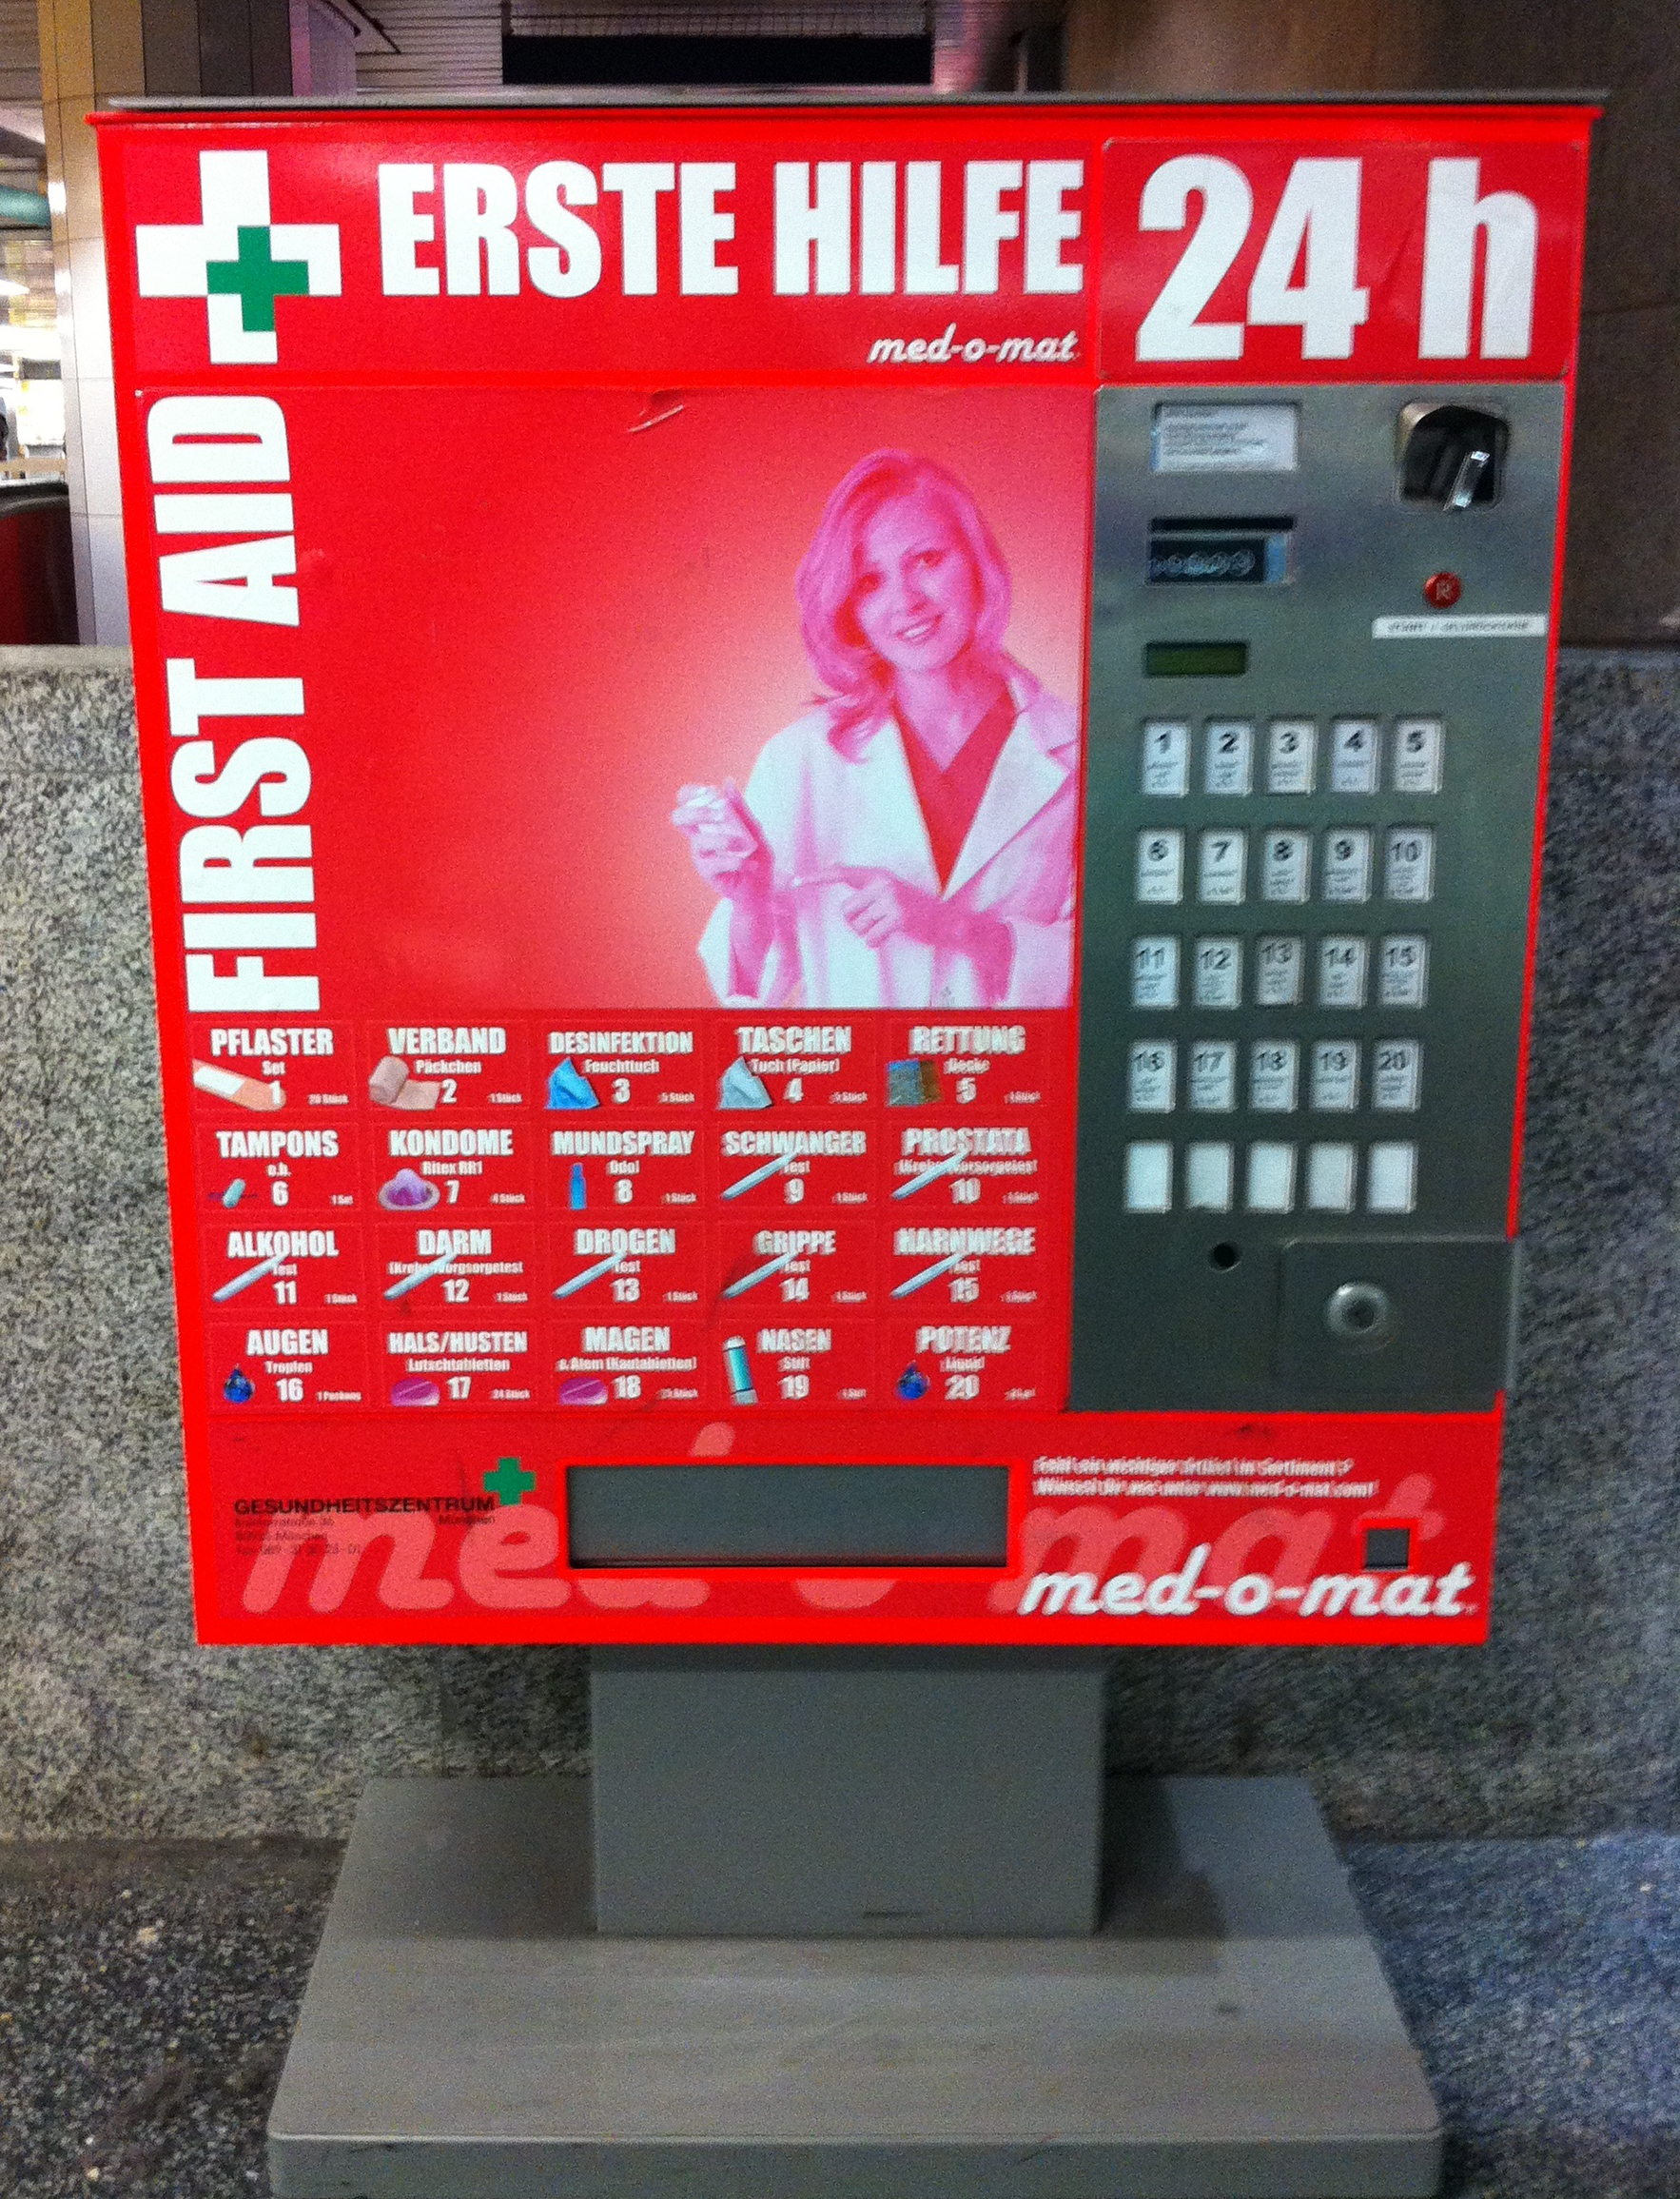 Erste-Hilfe-Automat - Quelle: Wikicommons